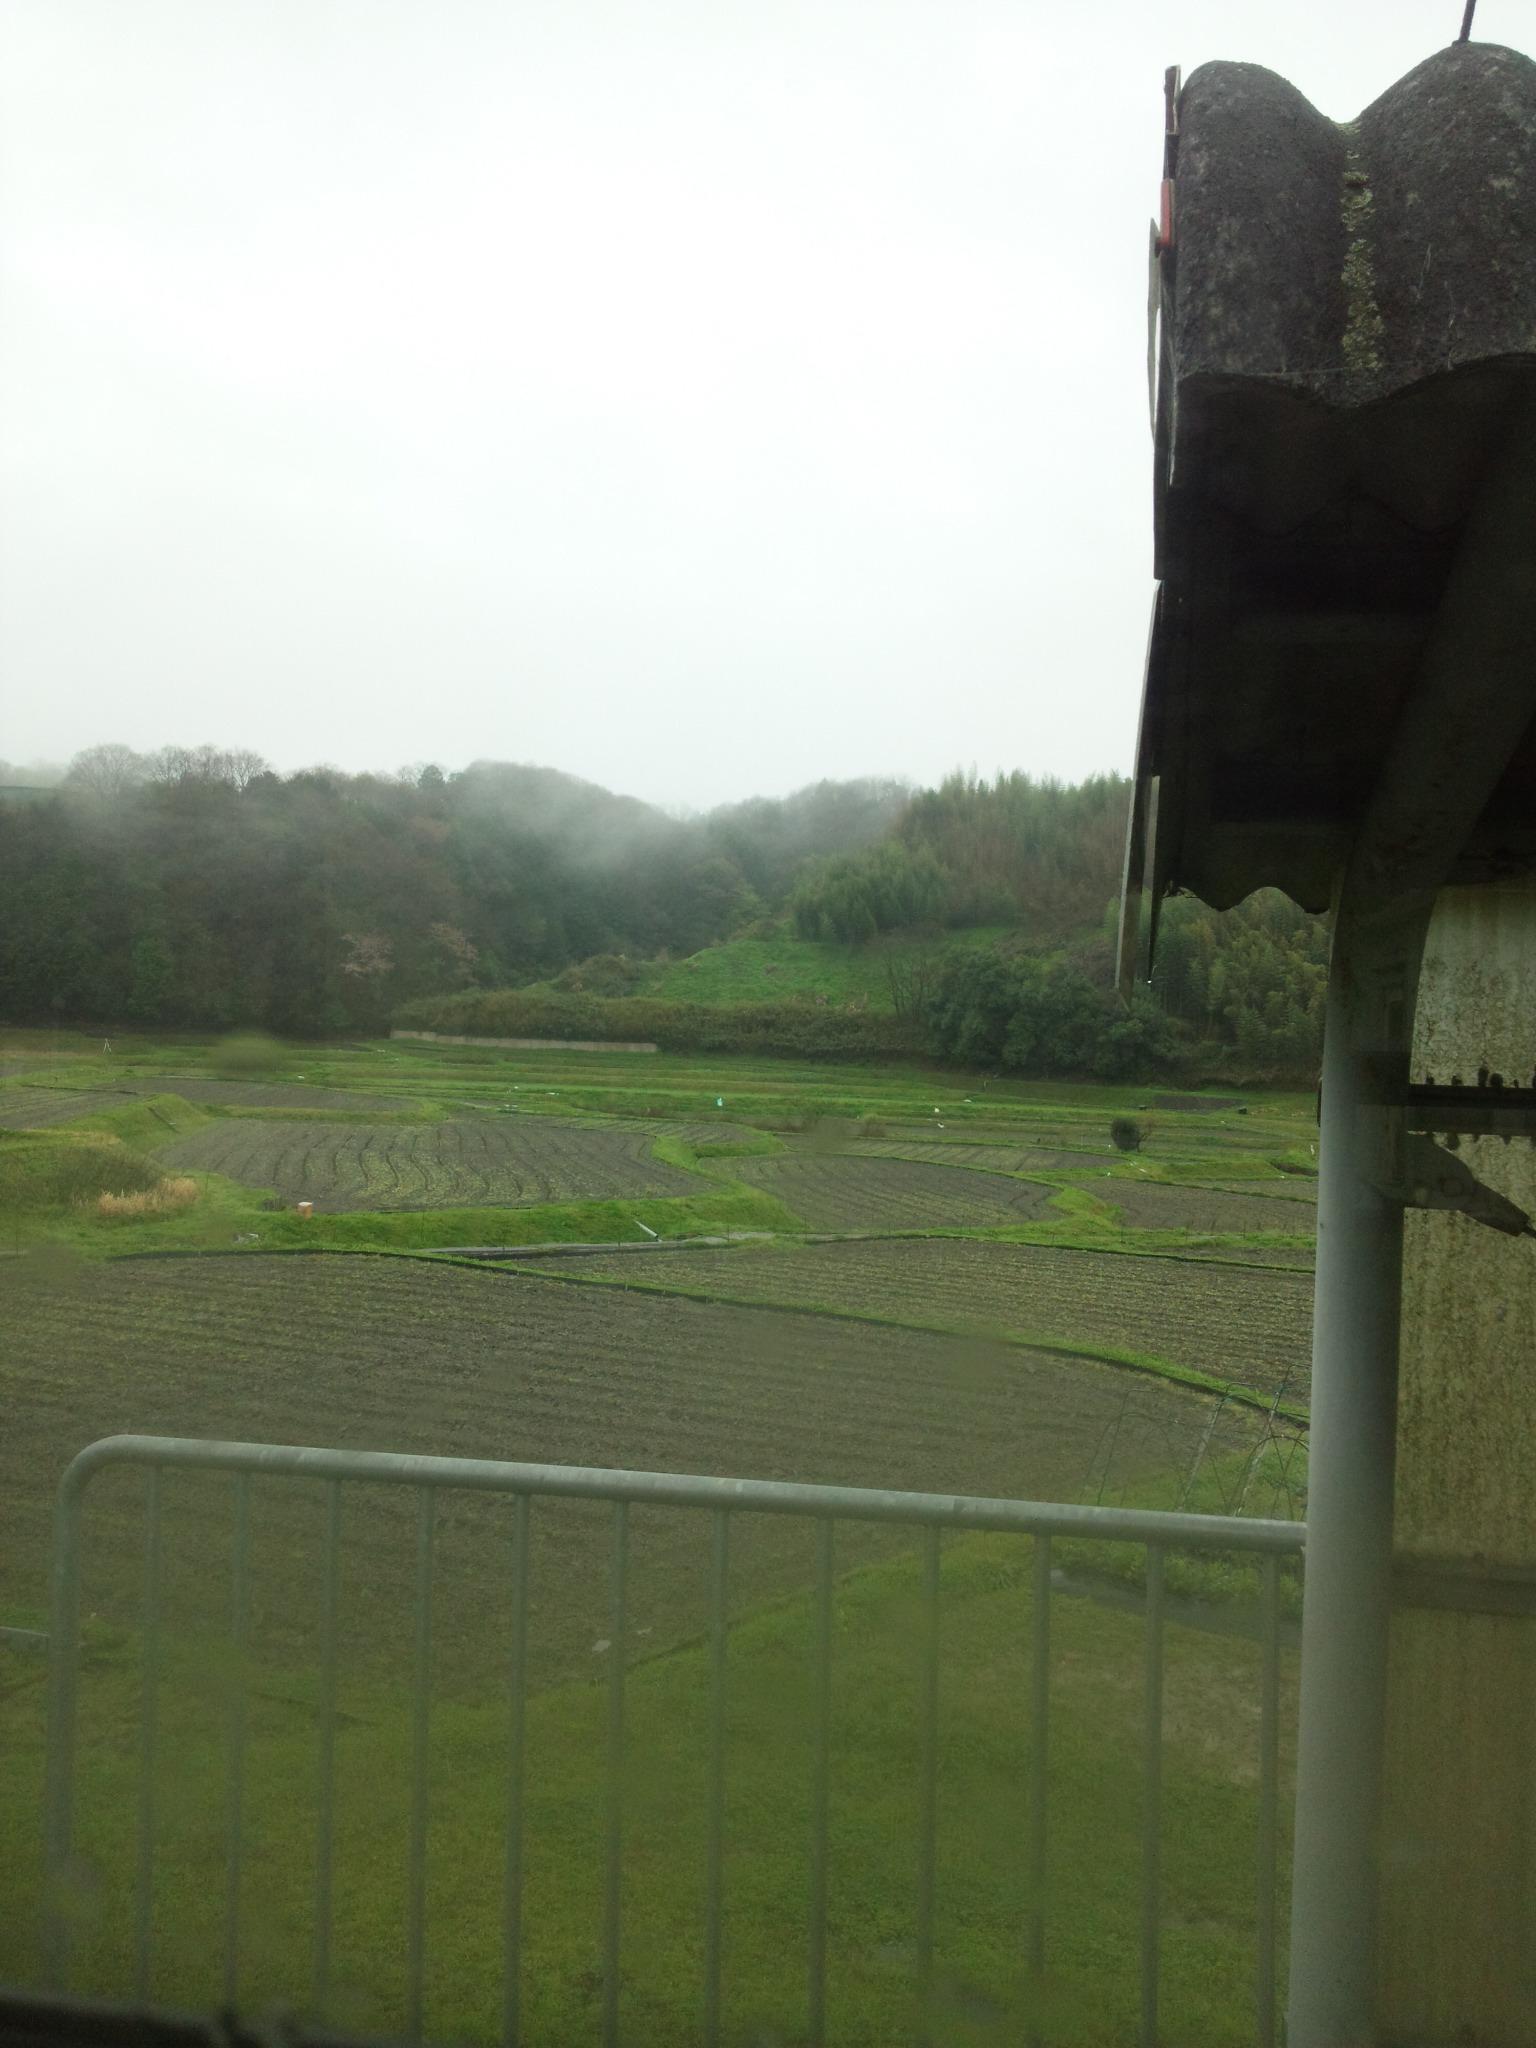 奈良、玄人バス旅 ~終着停留所のその先へ~_c0001670_7491256.jpg